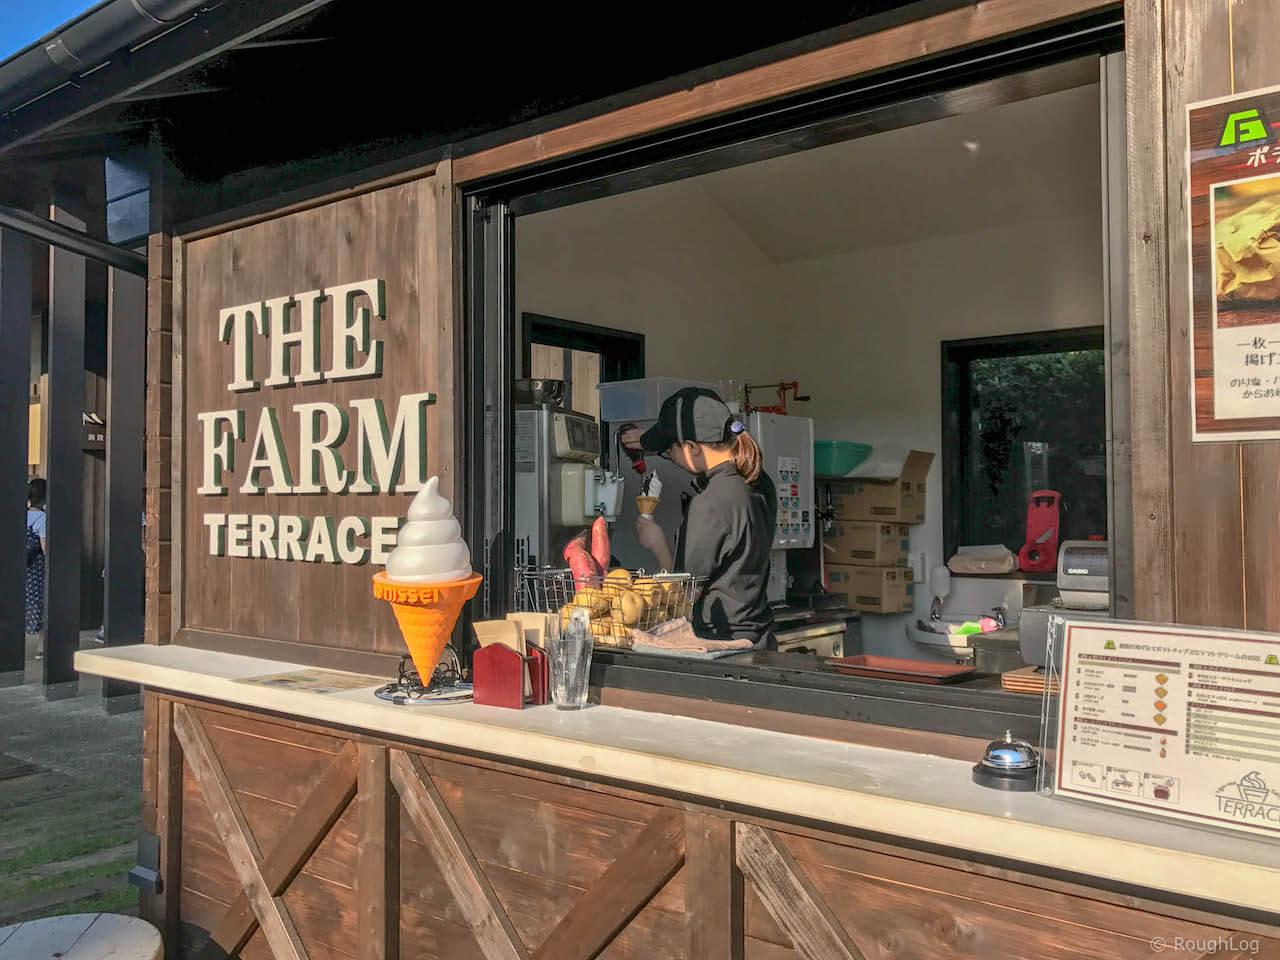 THE FARM TERRACEでソフトクリームを食べる